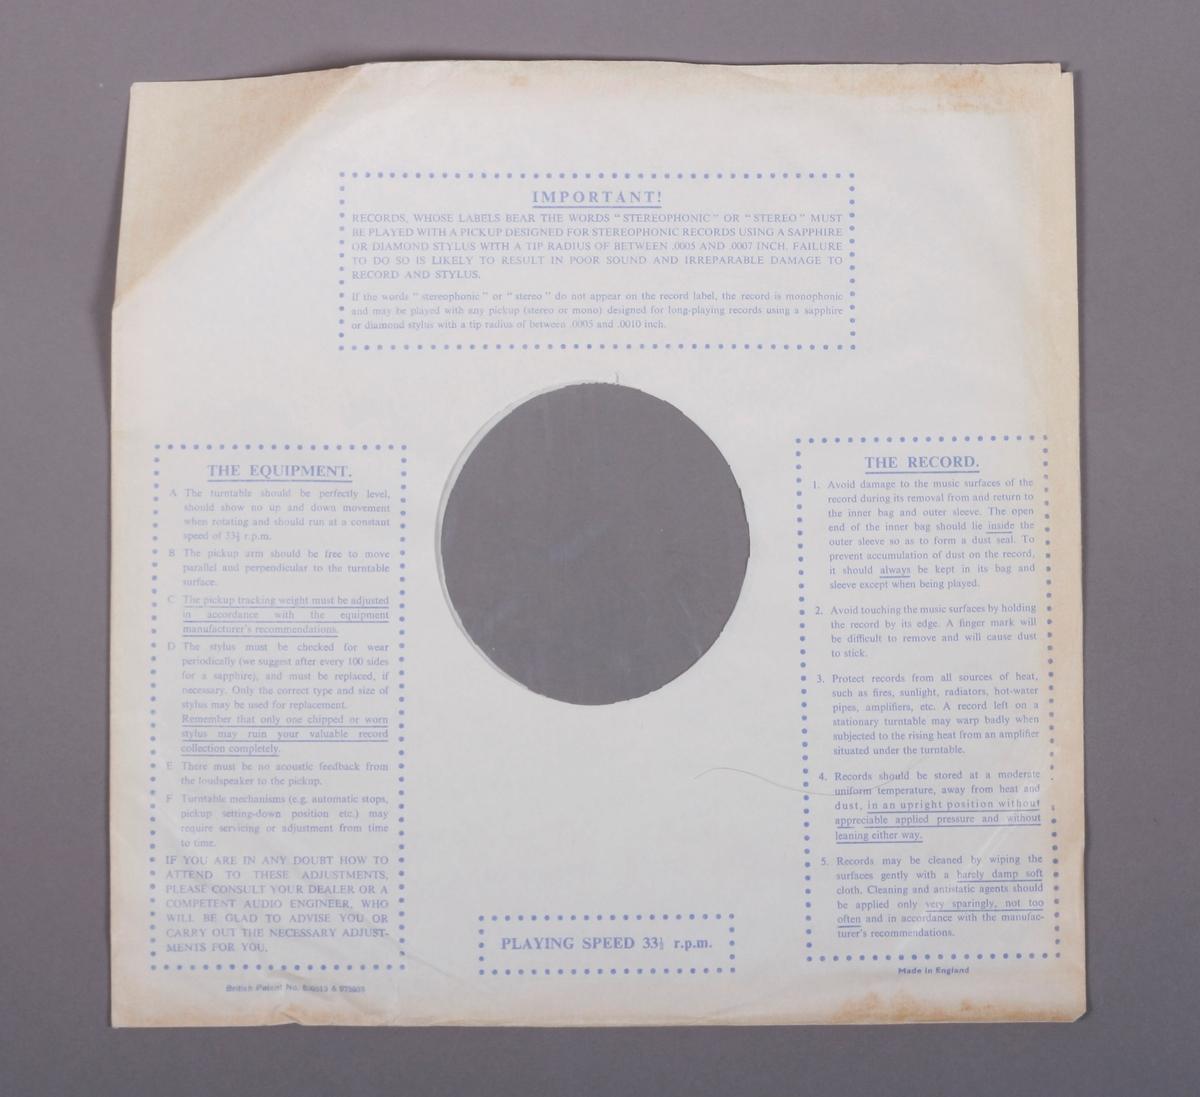 Grammofonplate i svart vinyl og plateomslag i papp. Teksthefte av papir. Plata ligger i en papirlomme med plastfôr.